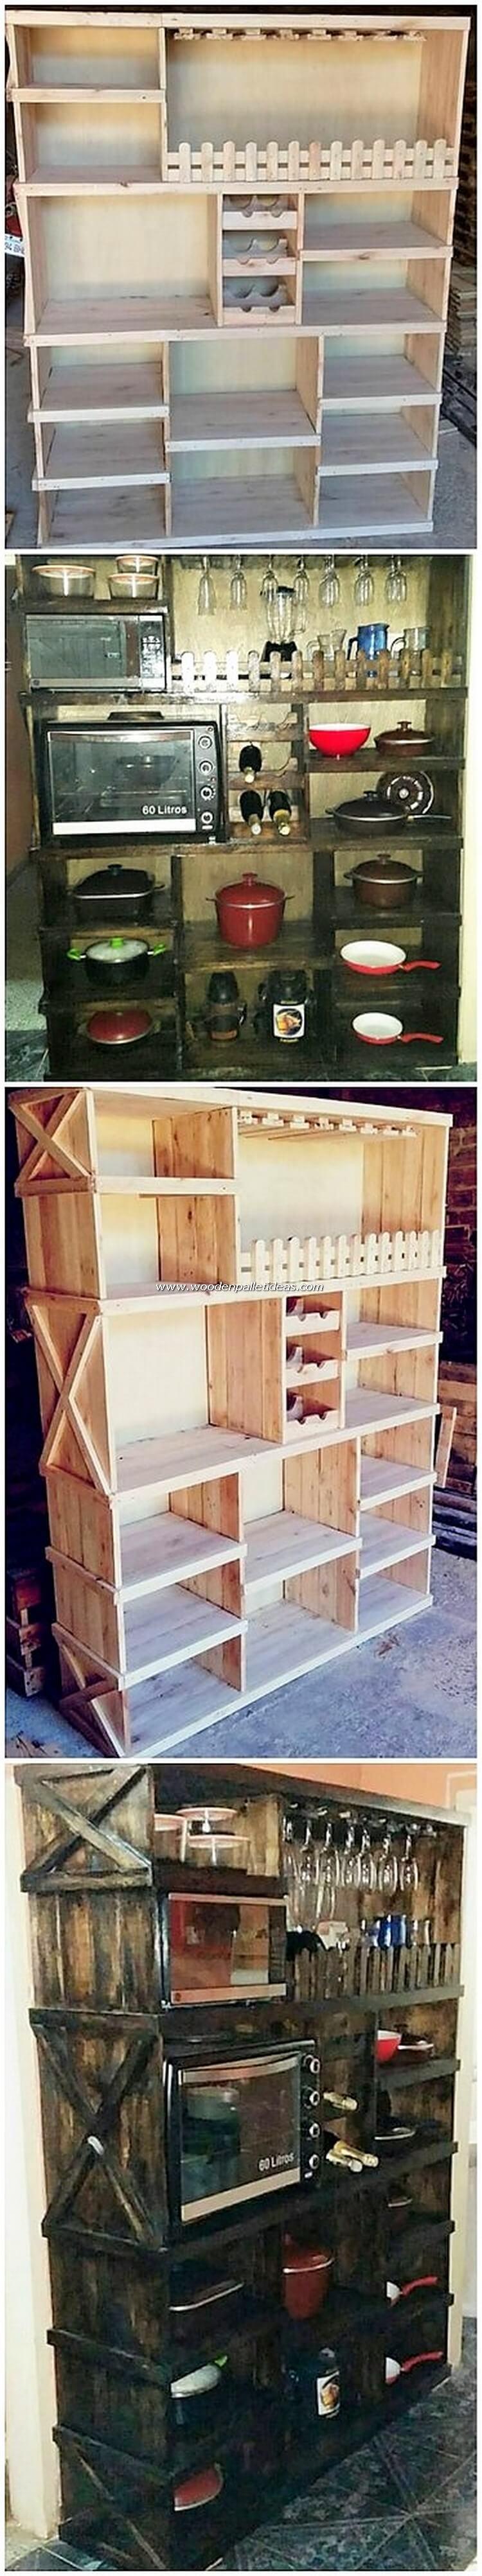 Wooden Pallet Shelving Unit